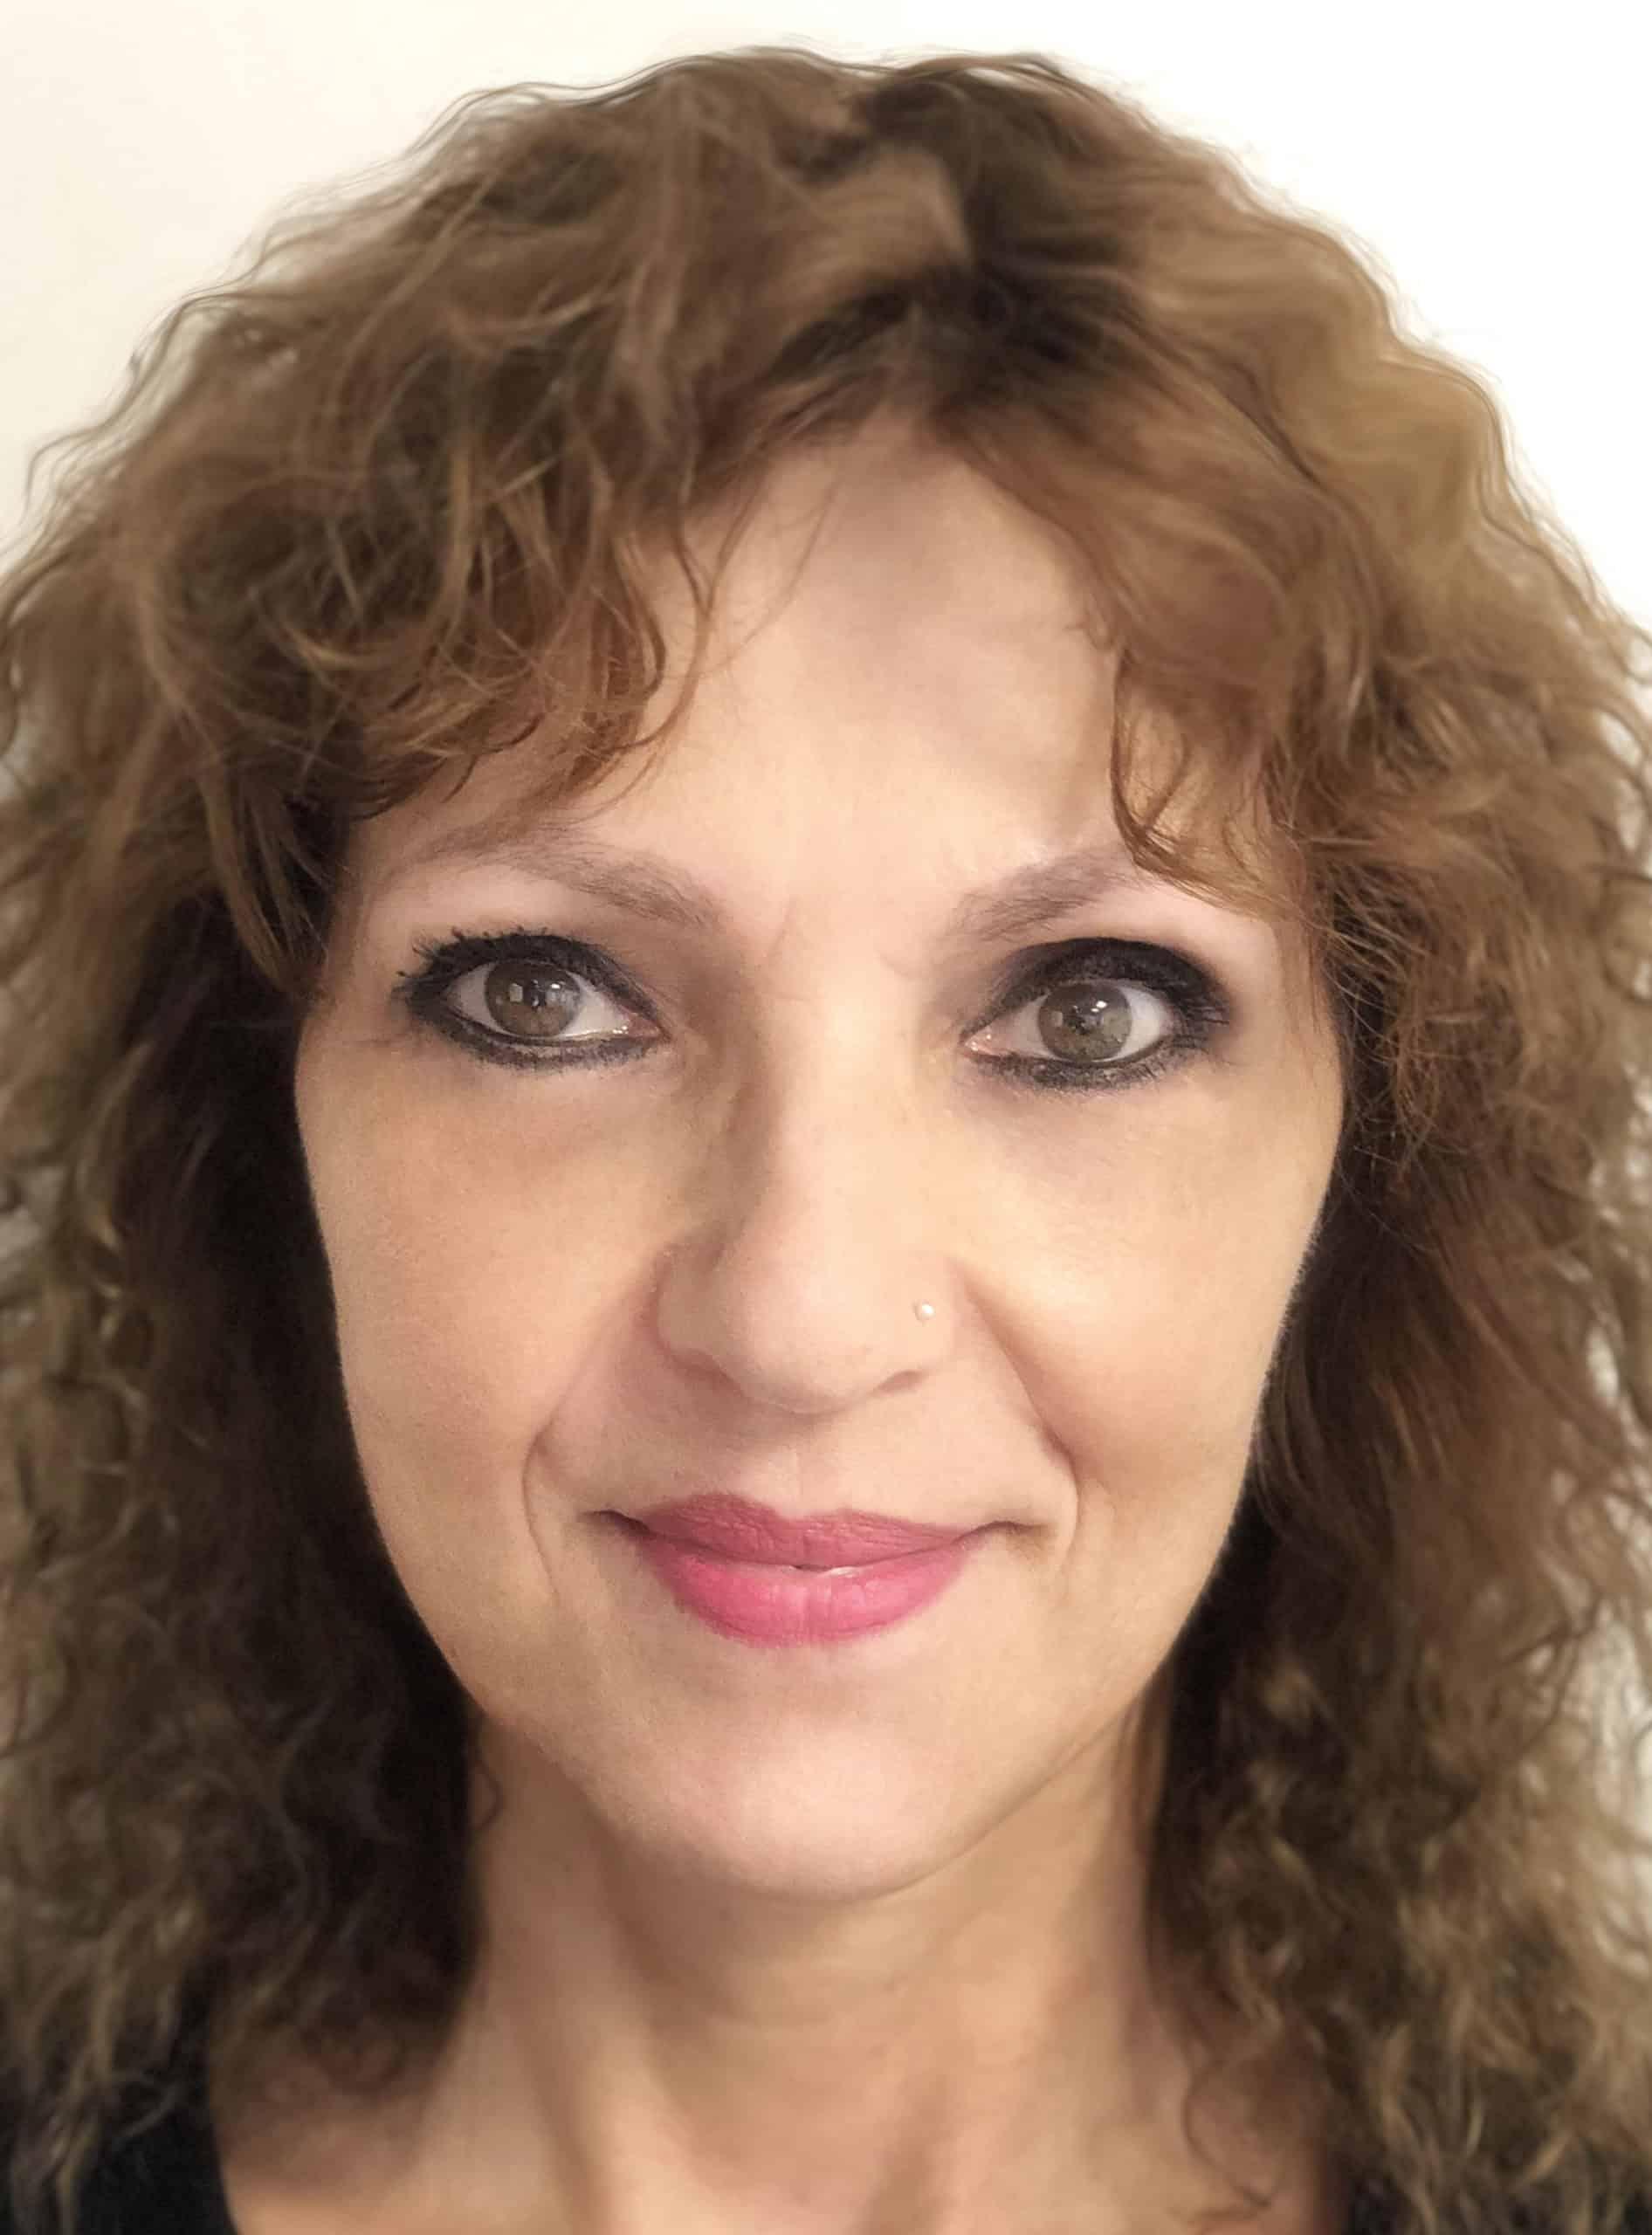 Dit is een foto frontaal van een vrouw naam Iris. Ze is trots op haar net gezette permanente make-up door Permanent Mooi Janny Hanegraaf